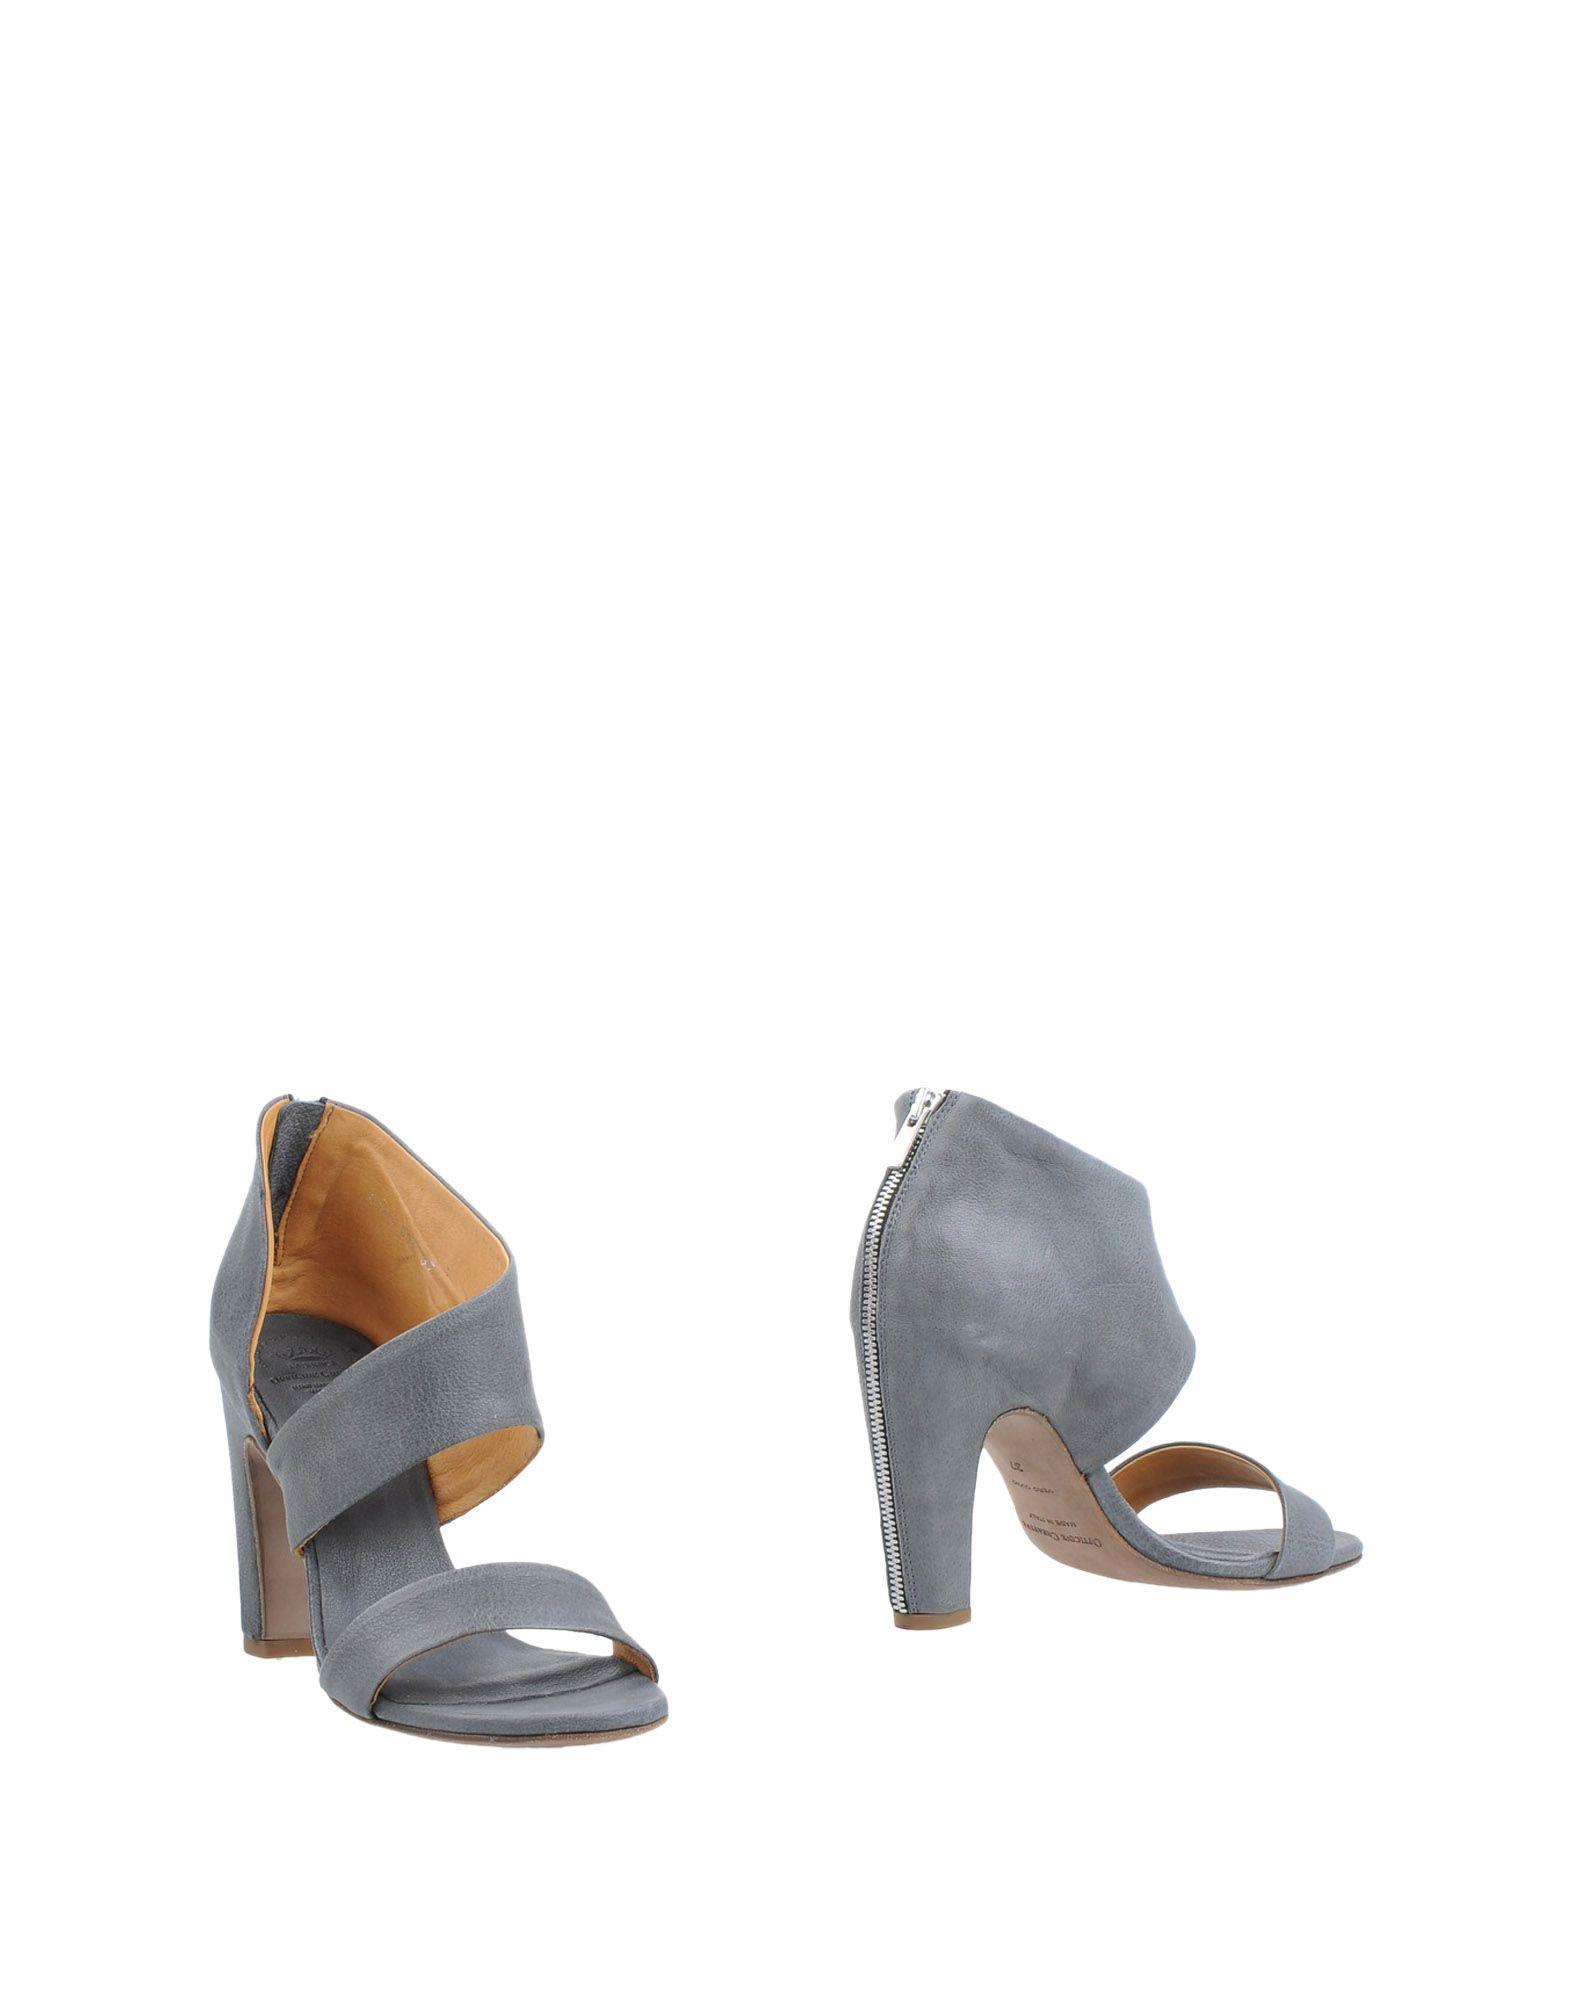 Officine Creative Italia Stiefelette Damen  11332970GLGut aussehende strapazierfähige Schuhe